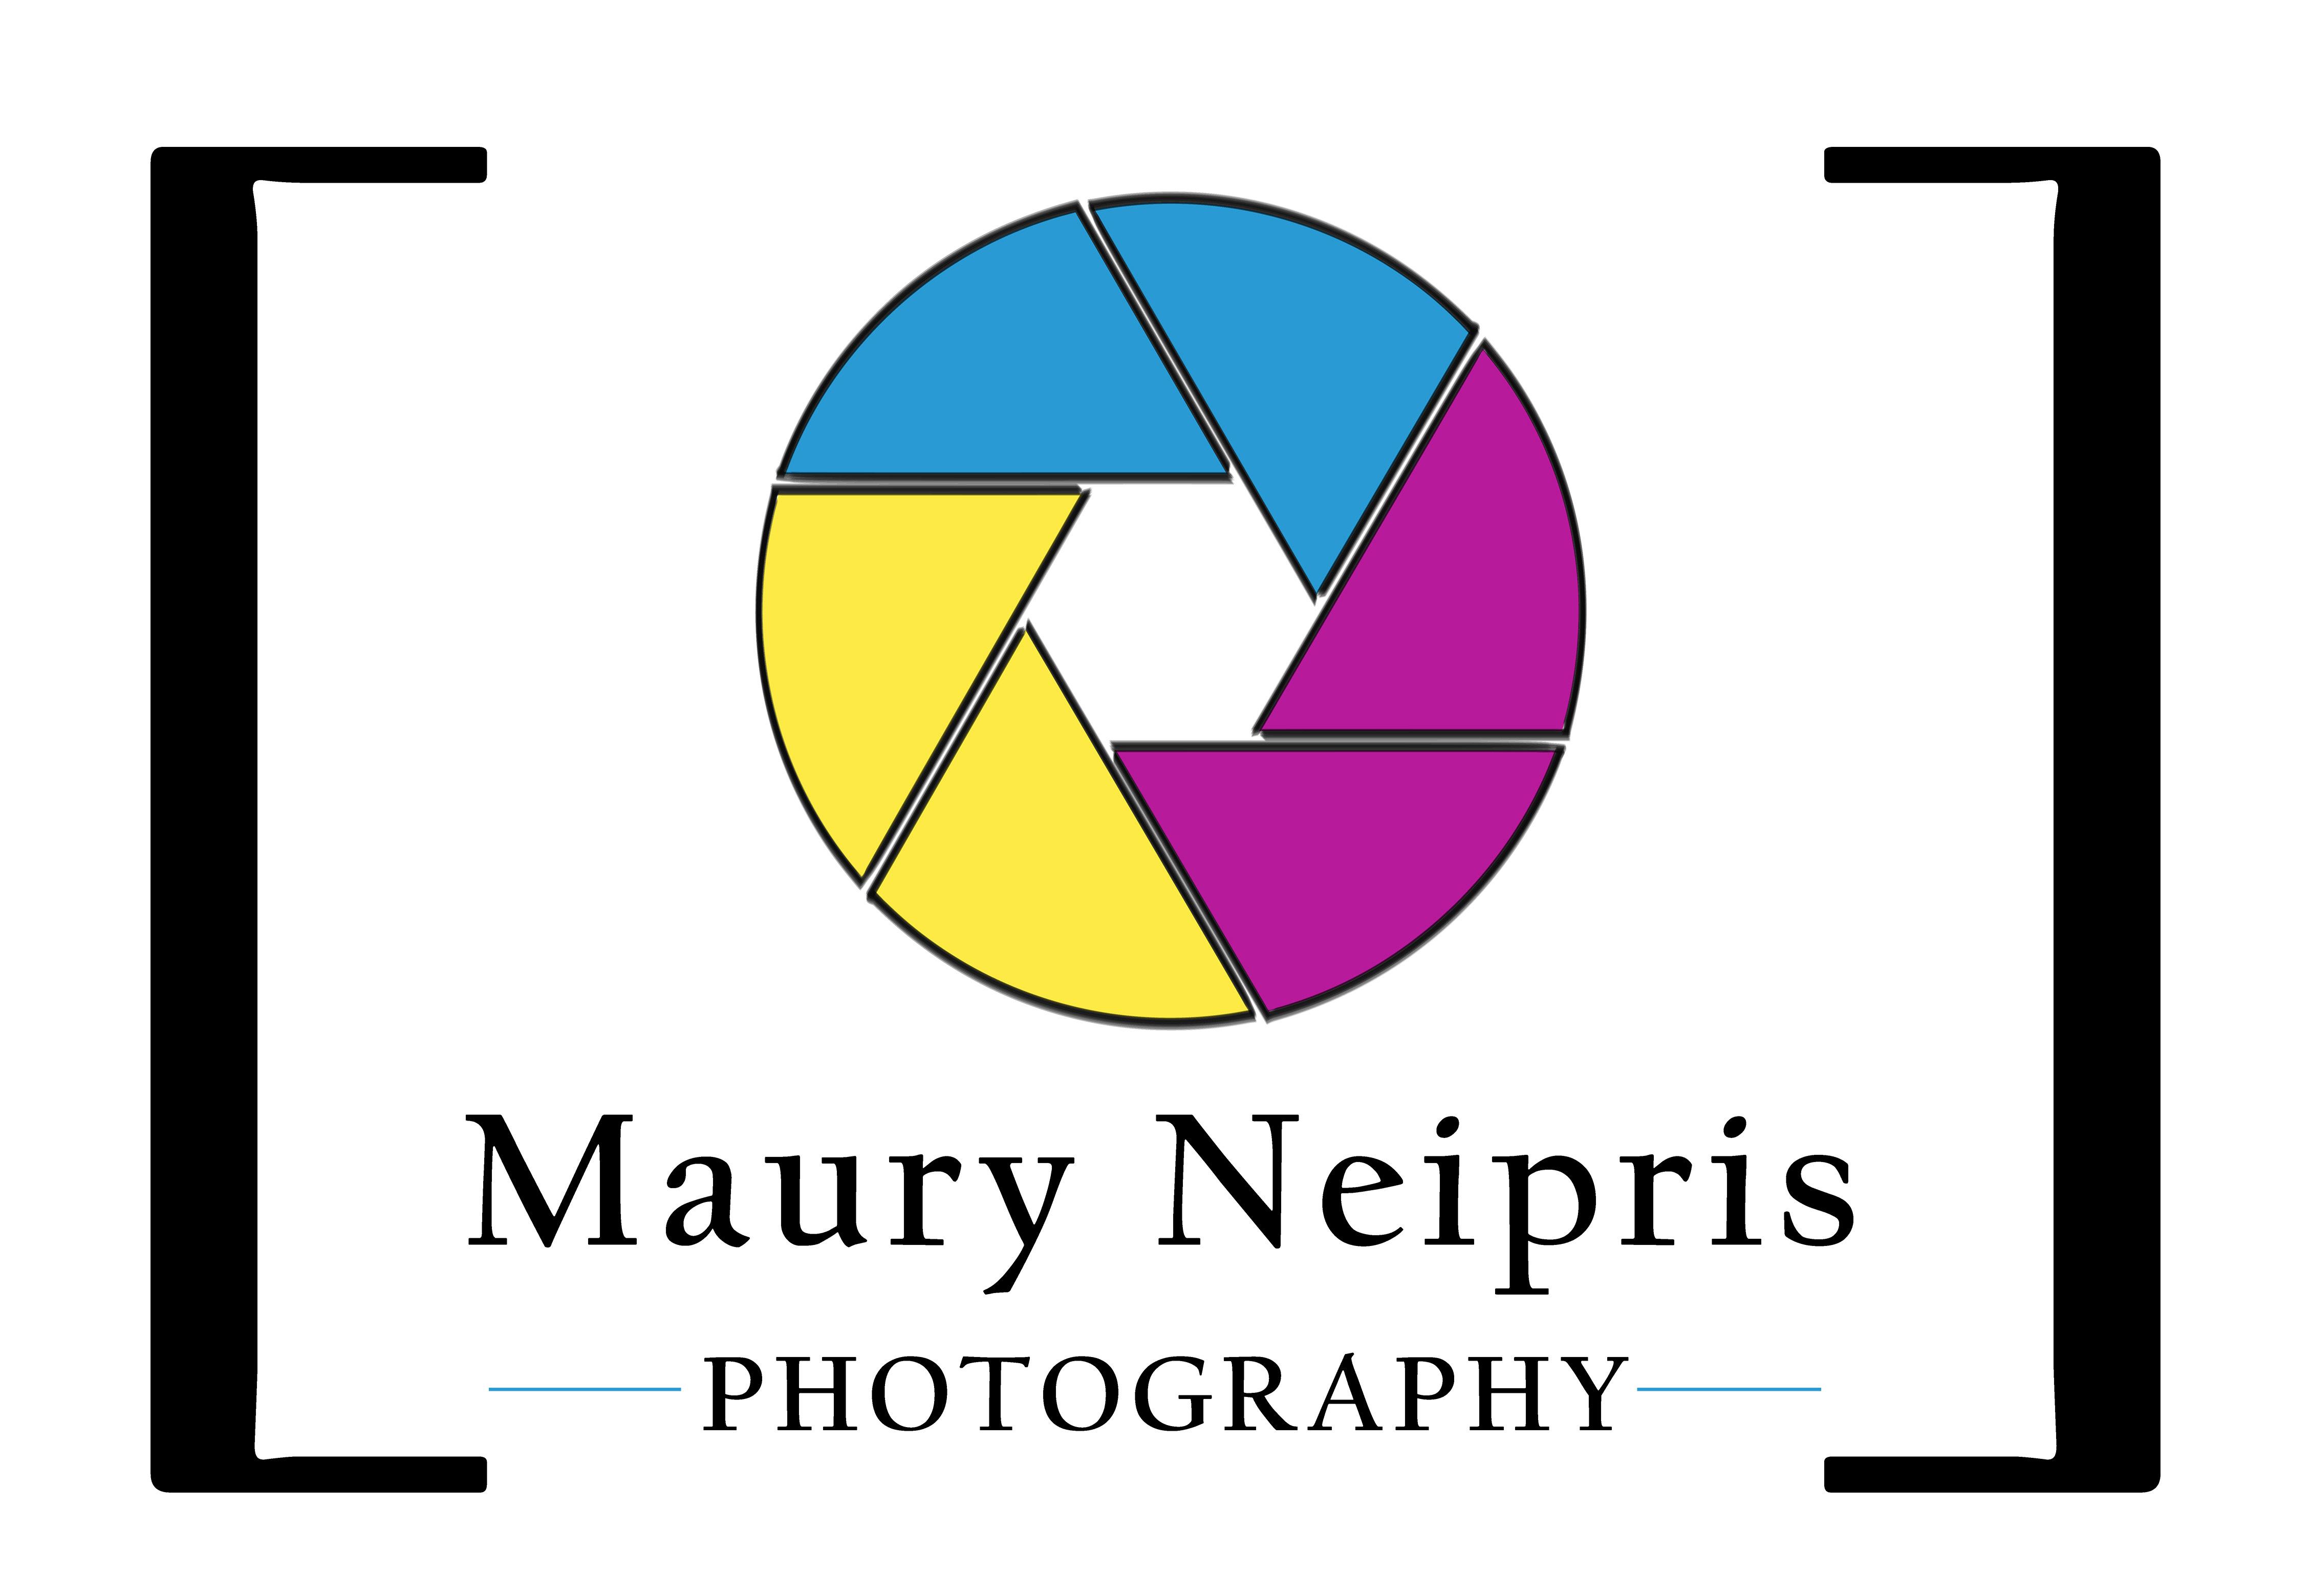 Maury Neipris